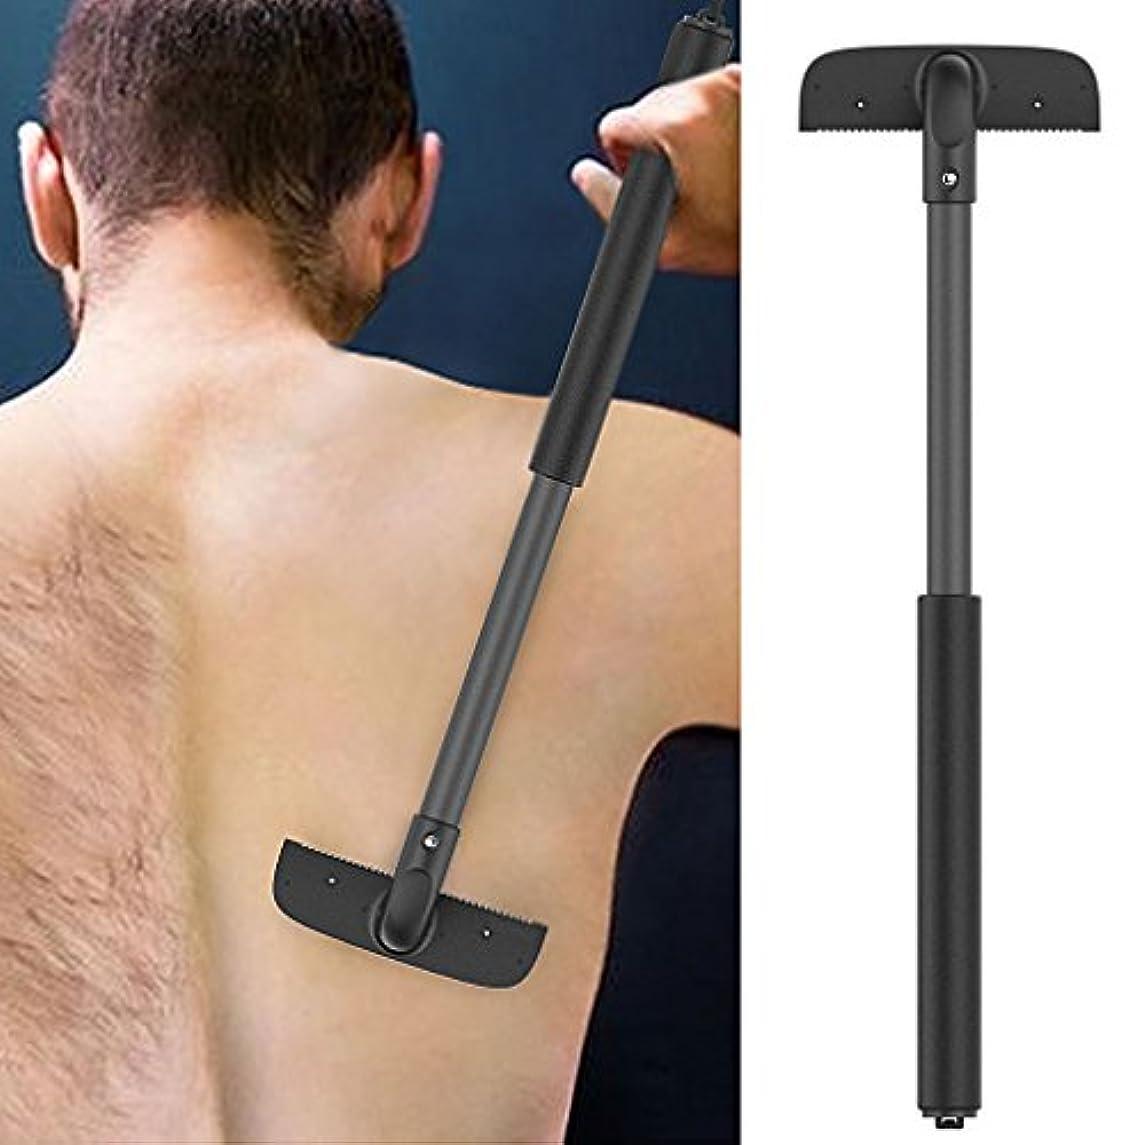 寛容な激しい放送Chunse バックヘアとボディシェーバー、バック脱毛、ボディシェーバー、男性のための剃刀、調節可能なハンドル、伸縮可能なトリマー剃刀セルフグロマーツール